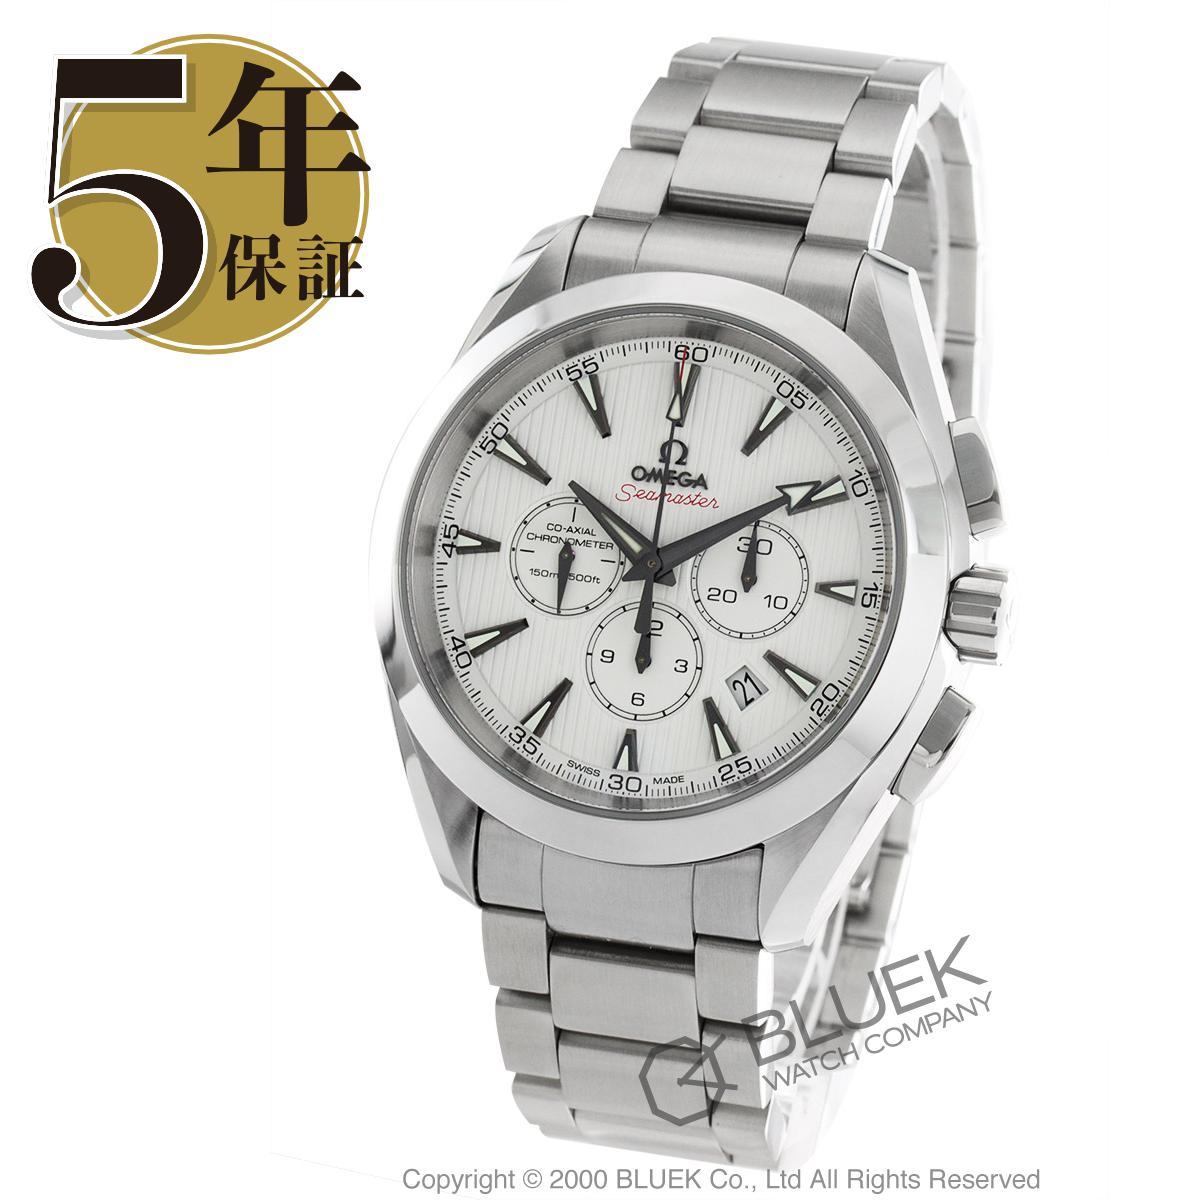 オメガ シーマスター アクアテラ クロノグラフ 腕時計 メンズ OMEGA 231.10.44.50.04.001_5